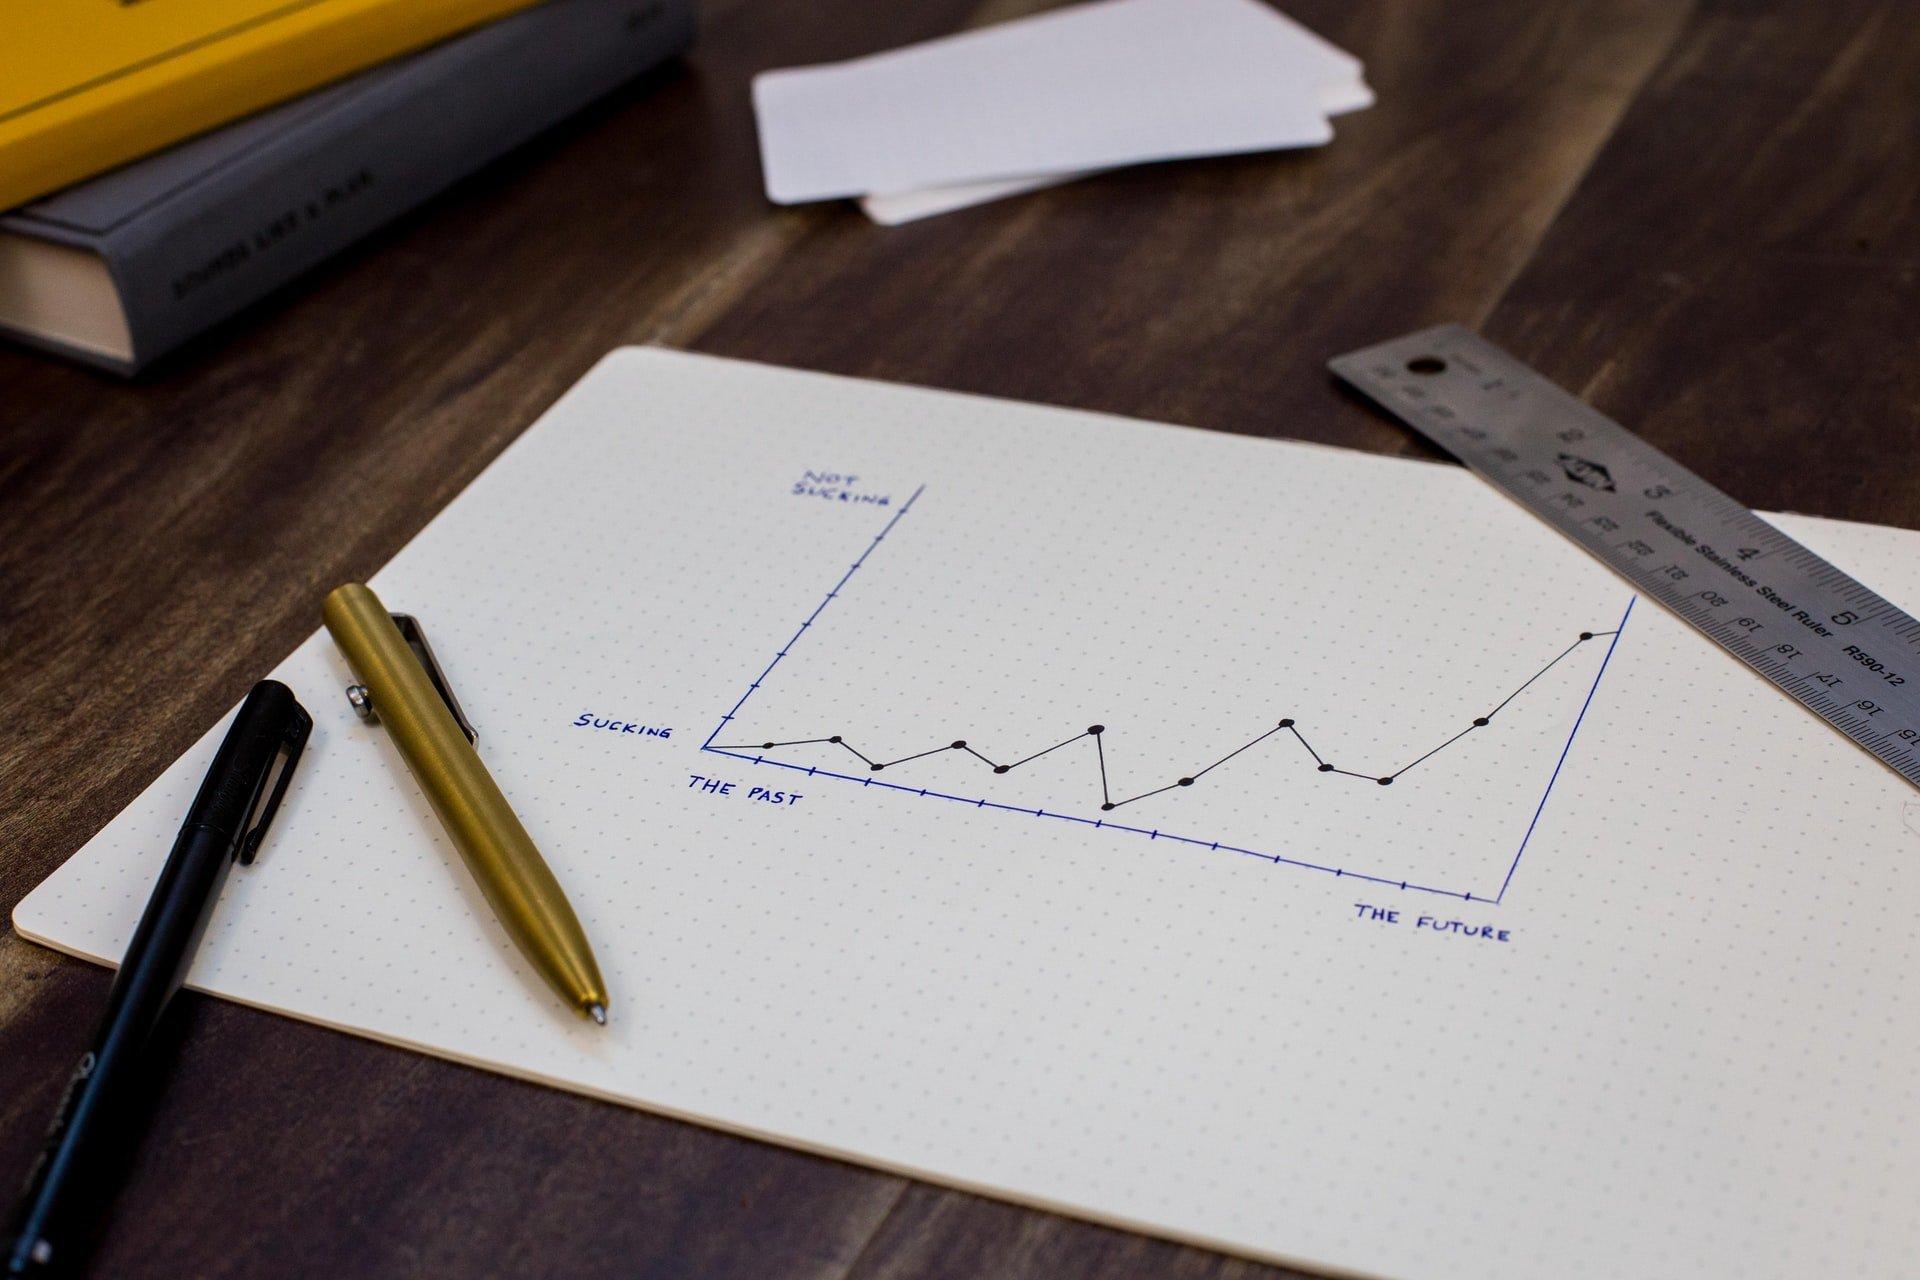 Estadística para previsión de ventas